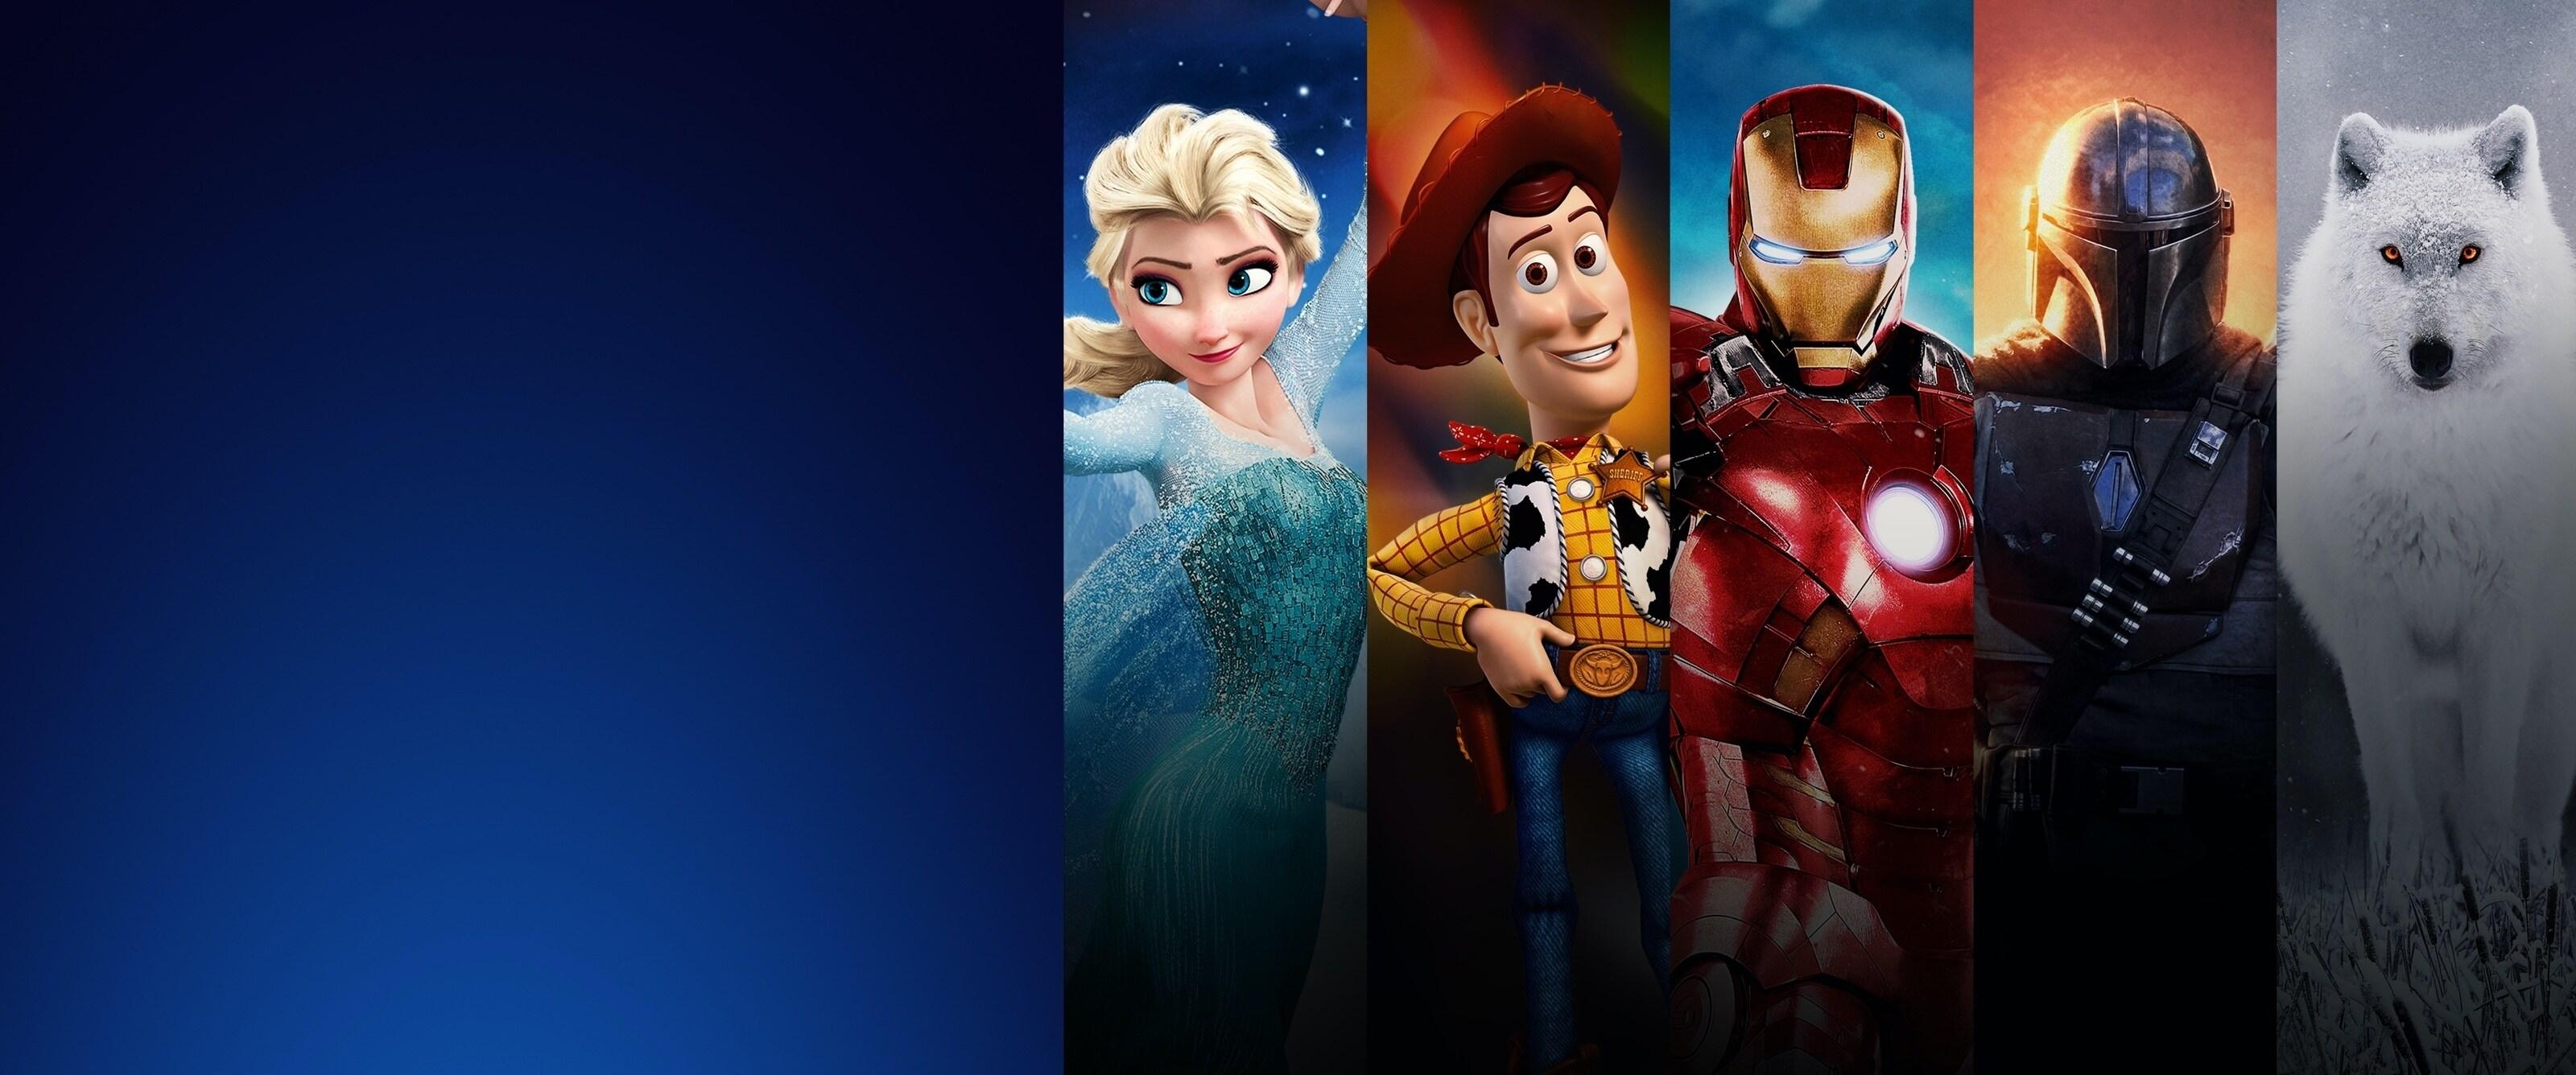 Ta reda på mer om Disney+